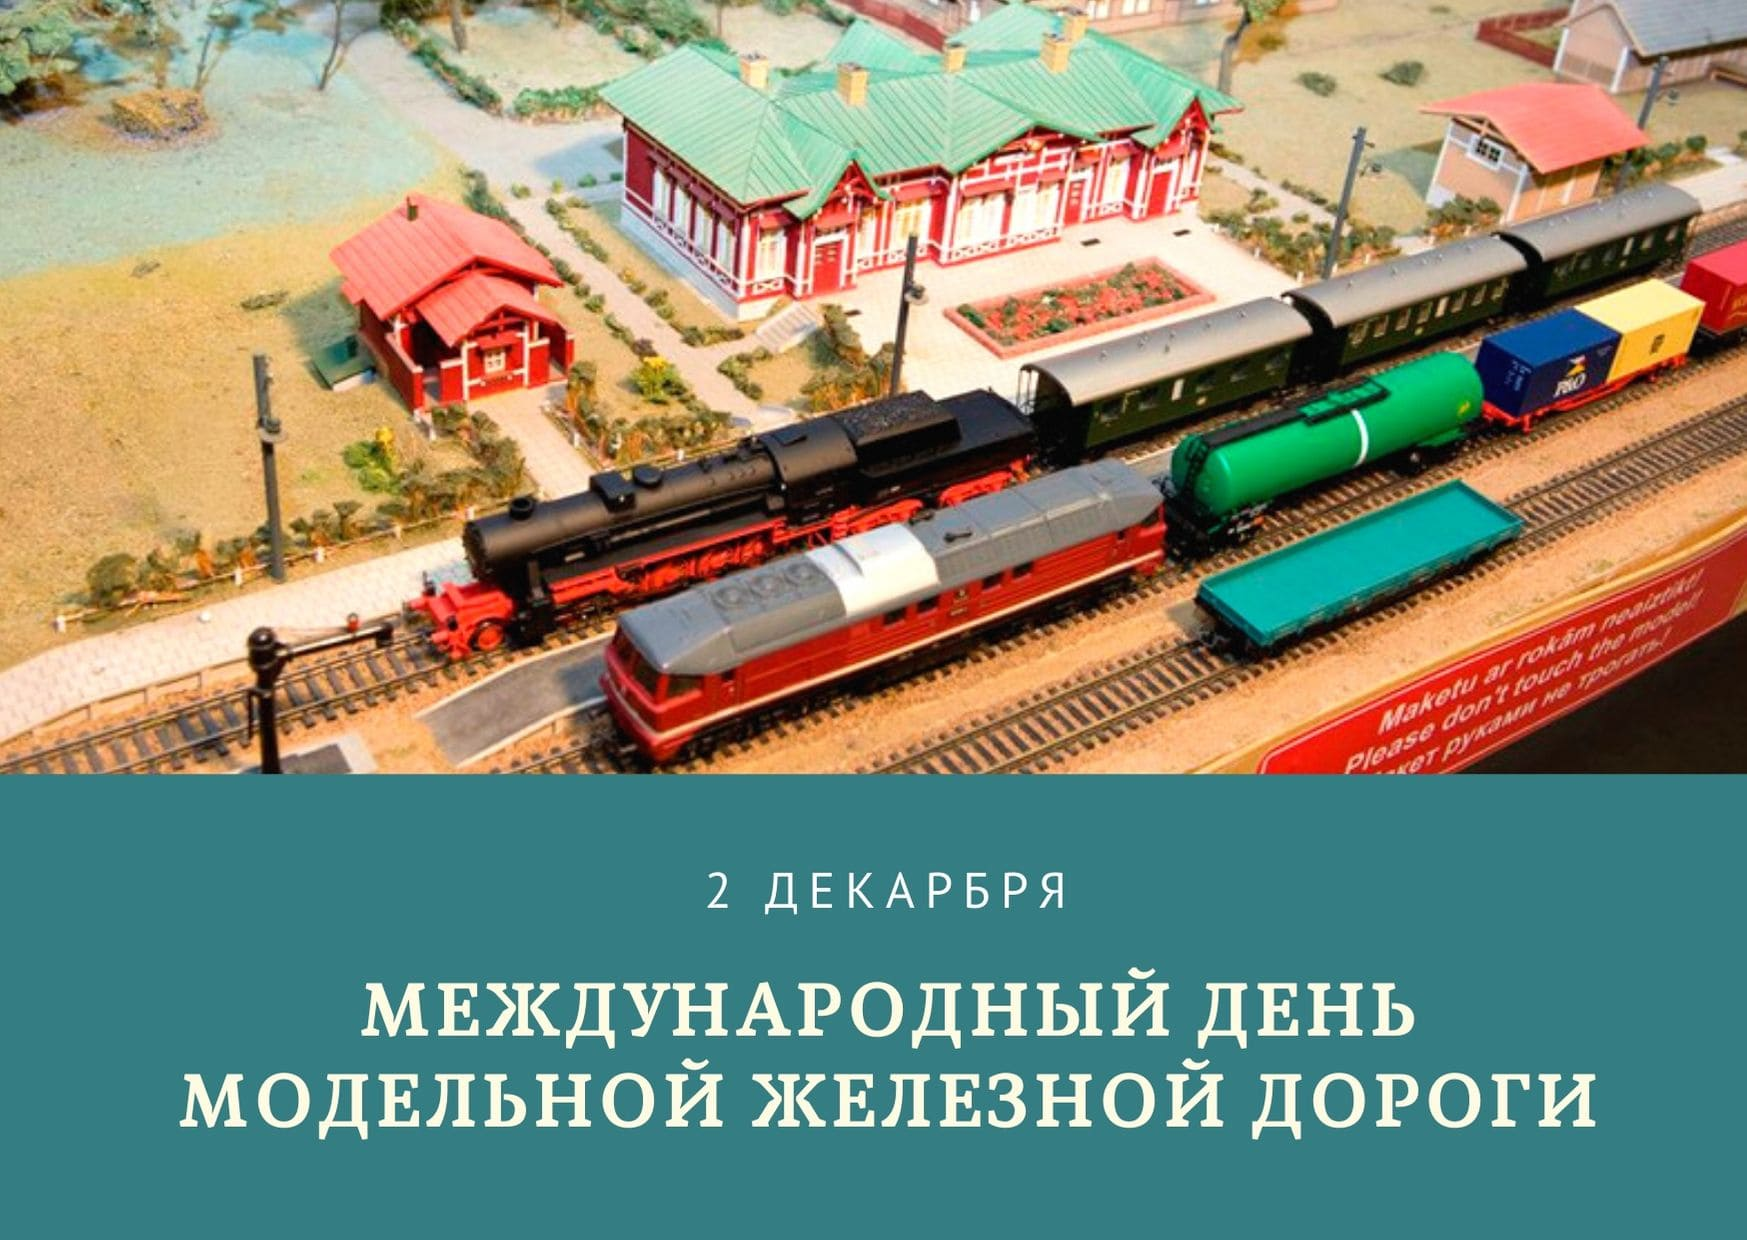 Международный день модельной железной дороги. 2 декабря